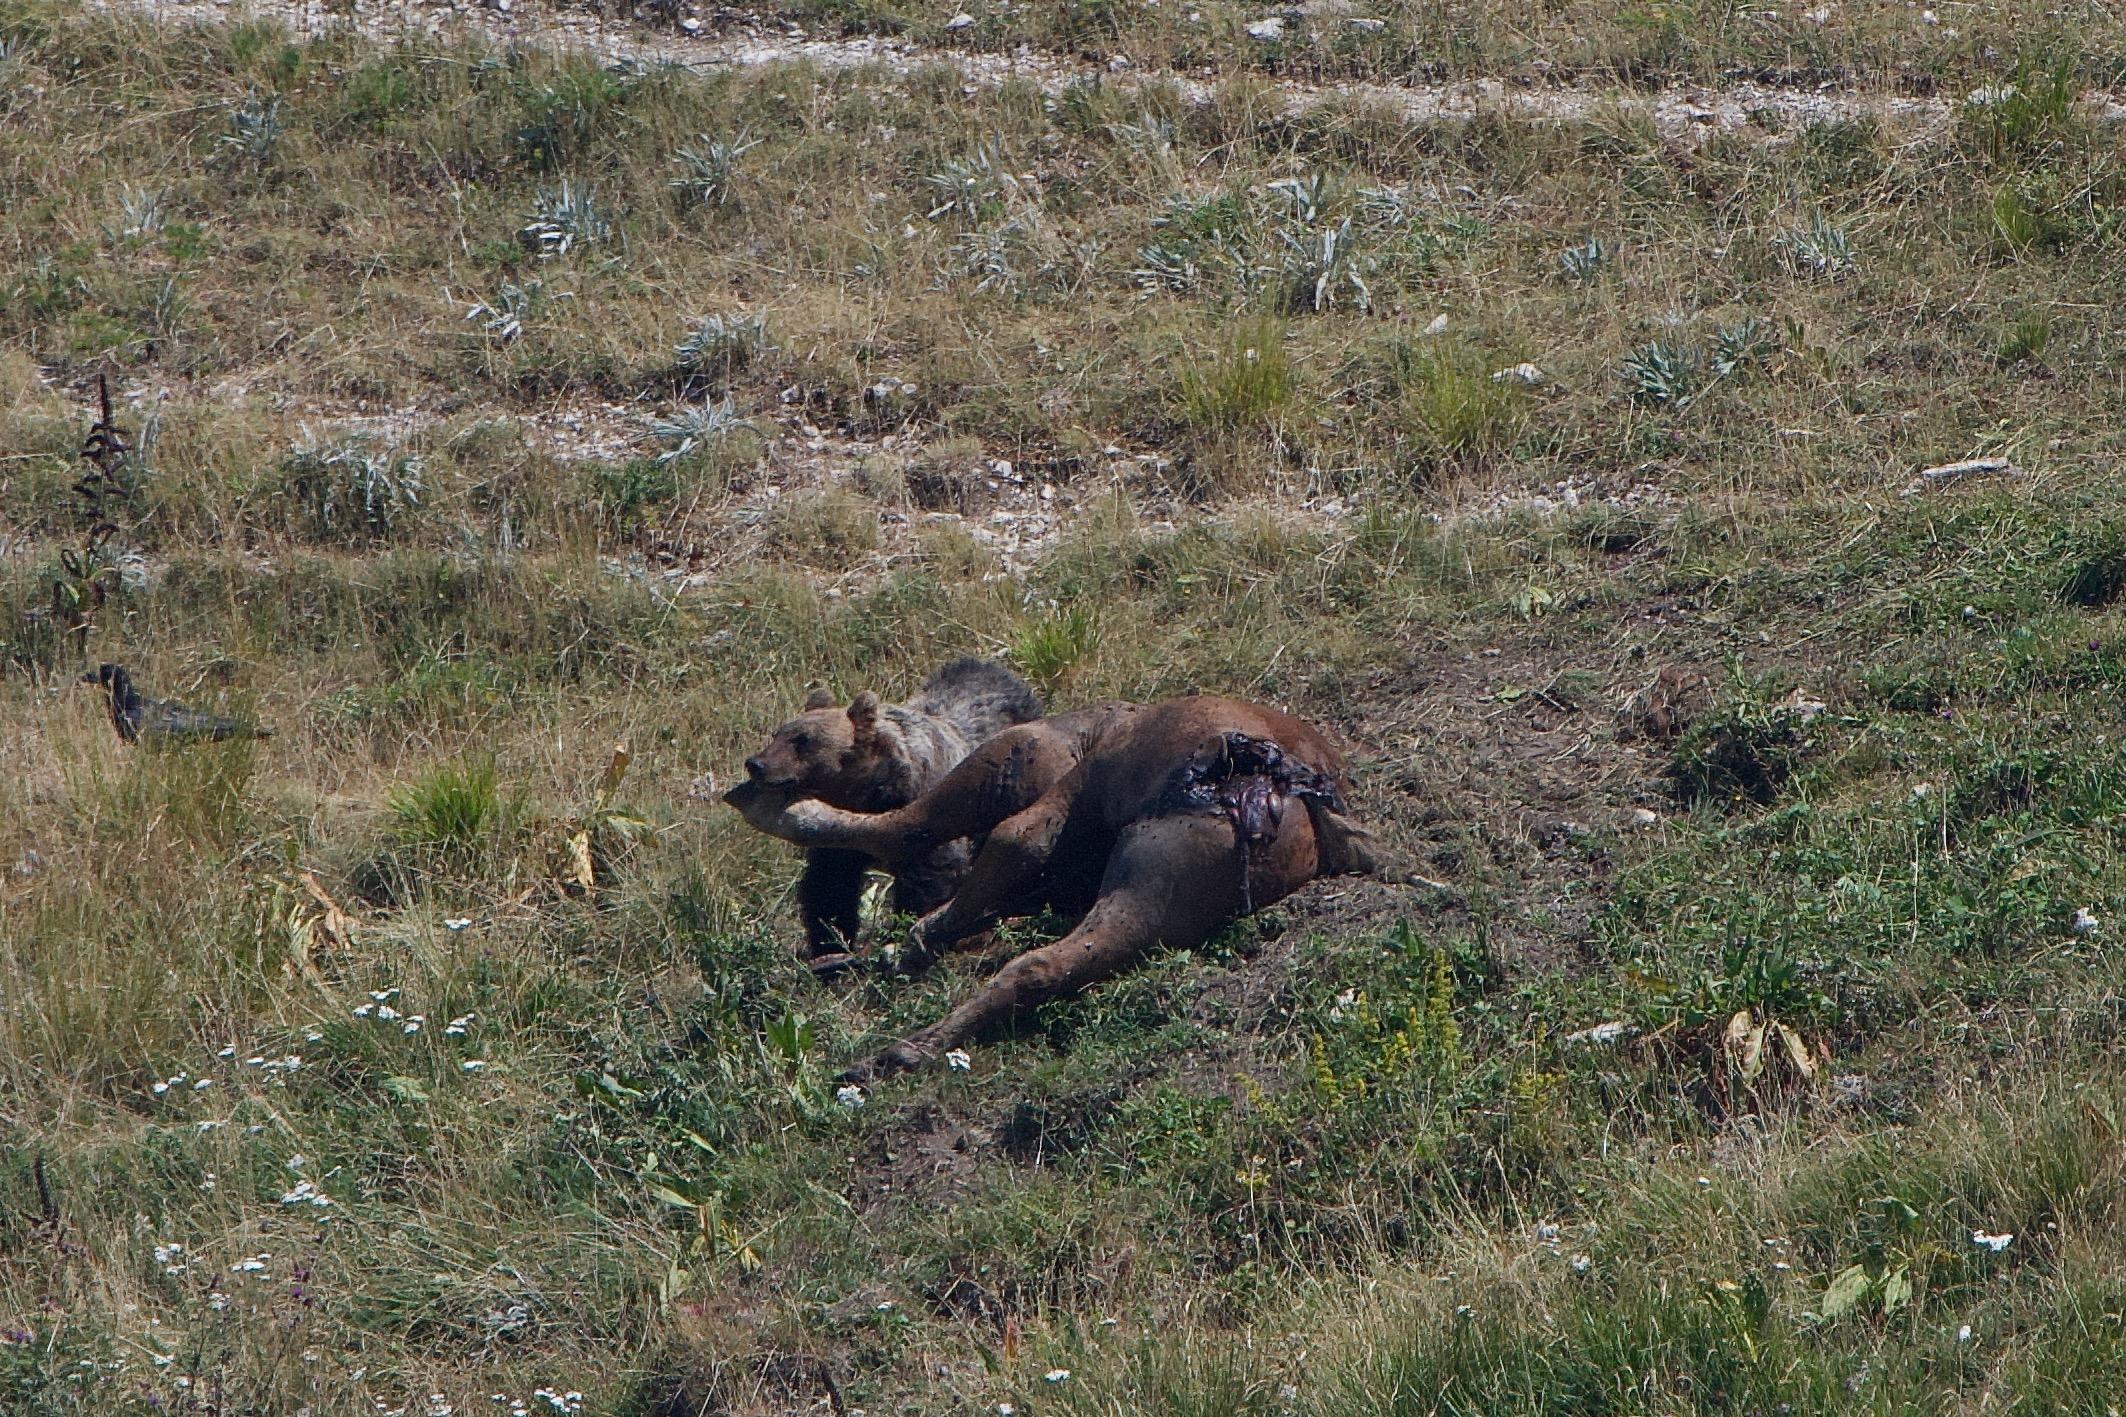 3) Seppure non troppo affamato l'orso incomincerà nuovamente a mangiare il cavallo, scacciando i gracchi che pian piano hanno tentato di avvicinarsi alla sua preda. Foto di Gianpiero Cutolo